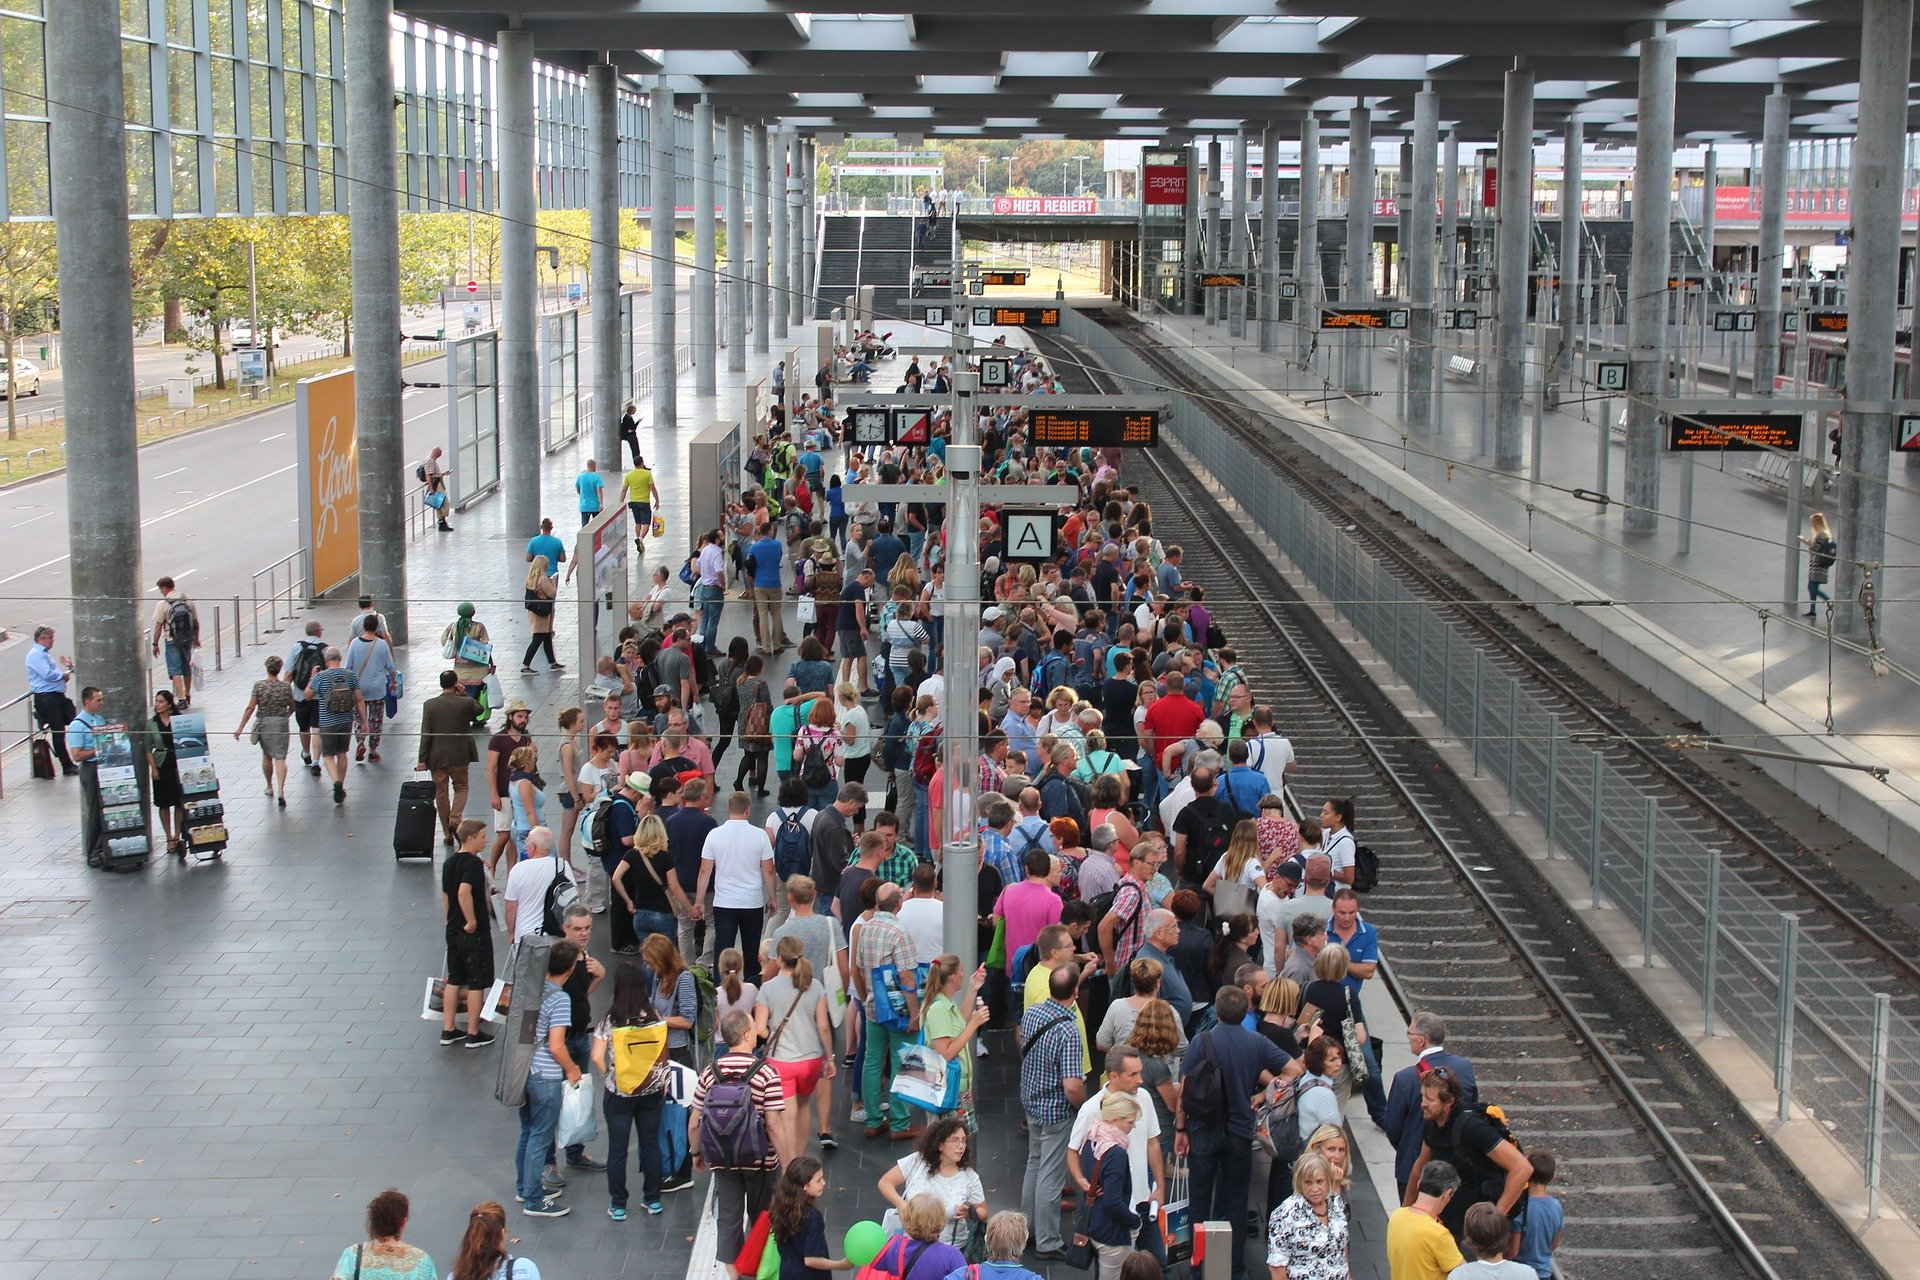 Auf einem Bahnsteig warten zahlreiche Menschen auf den nächsten Zug.